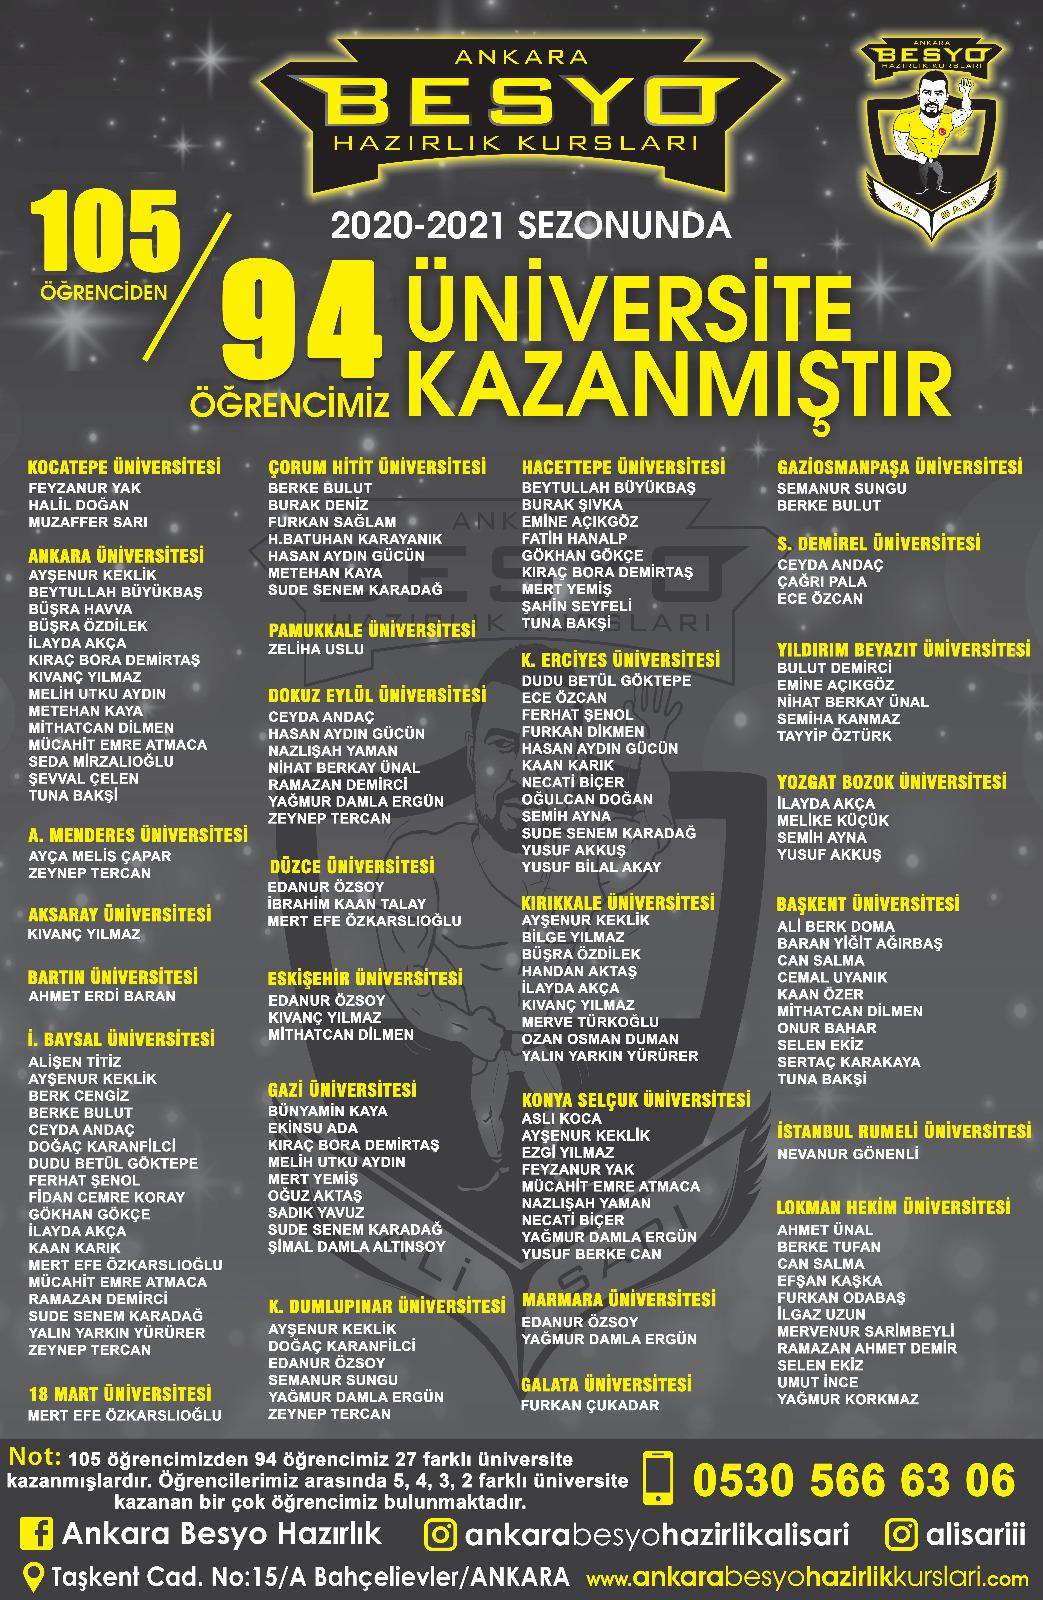 105 Öğrencimizden 94 öğrencimiz Üniversite Kazanmıştır. Kazanan öğrencilerimizi Tebrik Ederiz.